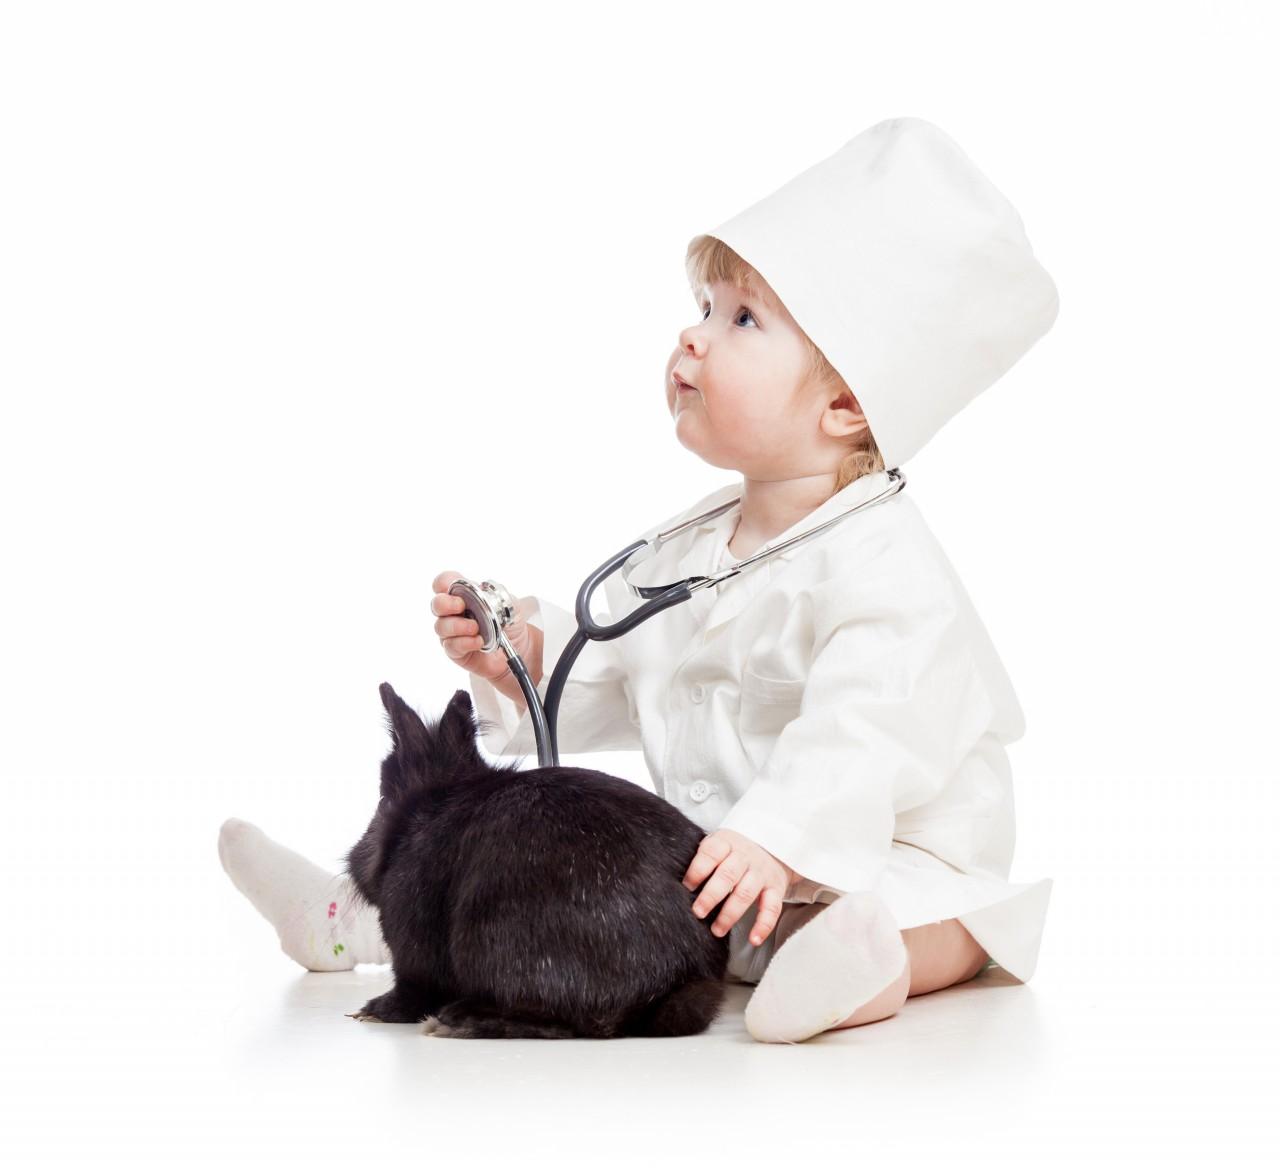 Investigando Seguro Veterinário: Como decidir sobre uma política [INFOGRAPHIC]